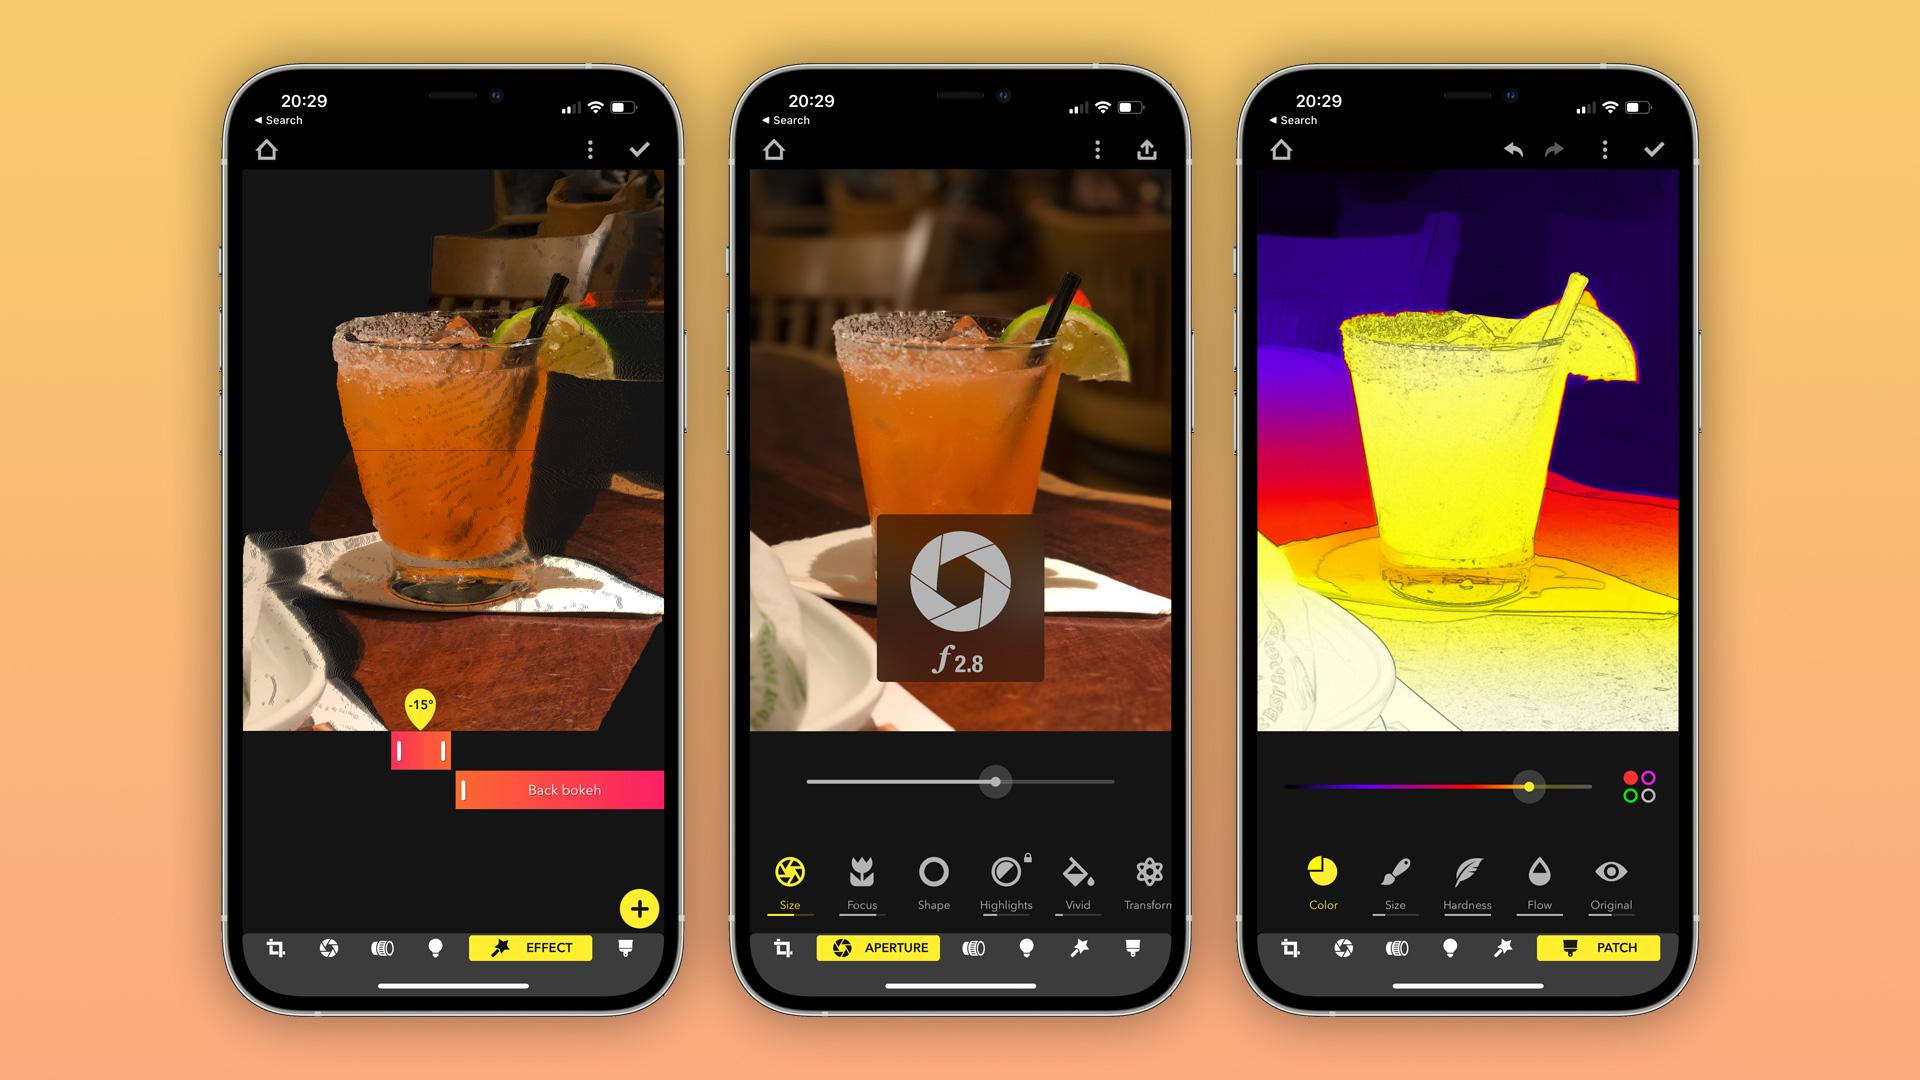 Focos-iOS-app.jpg?w=2000&quality=82&stri